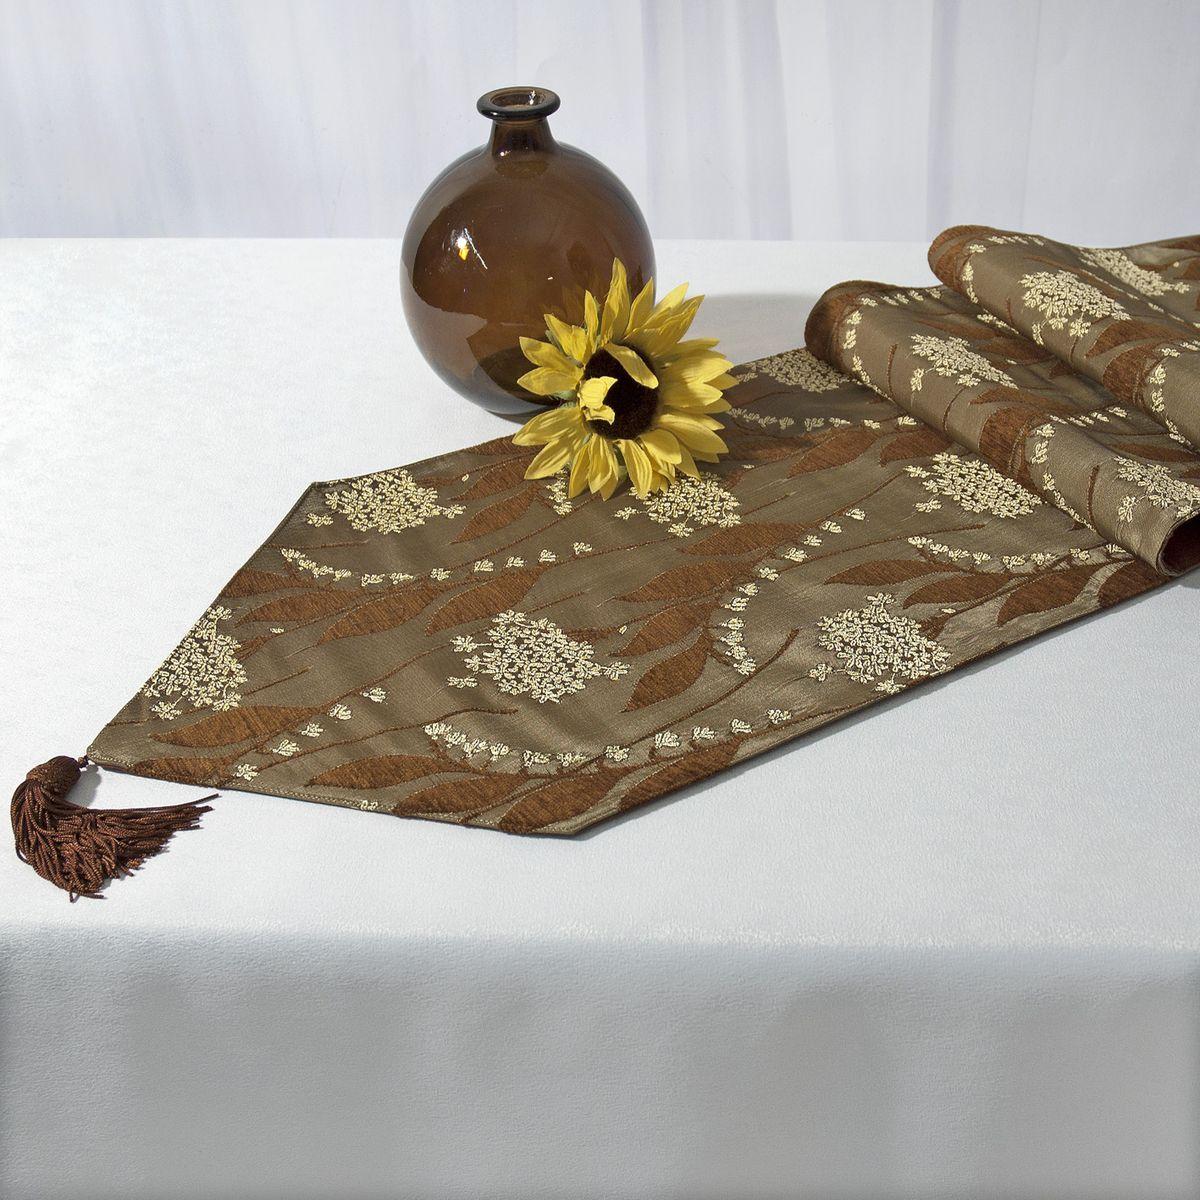 Дорожка для декорирования стола Schaefer, прямоугольная, цвет: темно-зеленый, коричневый, 30 x 170 см 06031-287VT-1520(SR)Прямоугольная дорожка Schaefer, выполненная из полиэстера (30%), вискозы (35%) и полиакрила (46%), оформлена цветочным орнаментом и украшена элегантными кистями на концах. Вы можете использовать дорожку для декорирования стола, комода или журнального столика. Это изделие будет украшением вашей квартиры или загородного дома!Благодаря такой дорожке вы защитите поверхность мебели от воды, пятен и механических воздействий, а также создадите атмосферу уюта и домашнего тепла в интерьере вашей квартиры. Изделия из искусственных волокон легко стирать: они не мнутся, не садятся и быстро сохнут, они более долговечны, чем изделия из натуральных волокон.